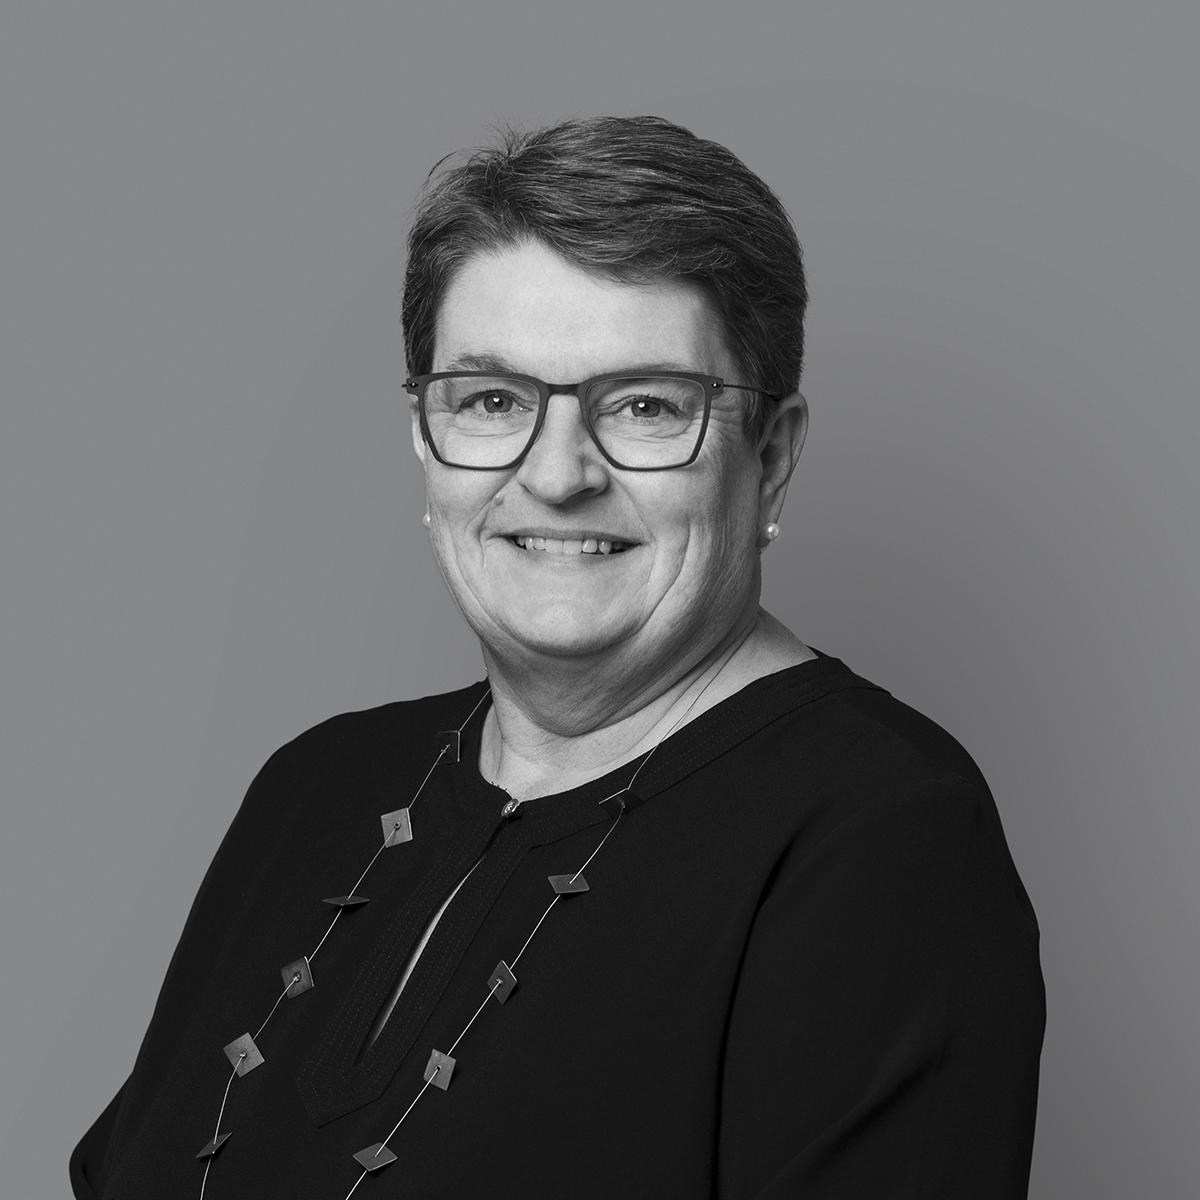 Mette Stenz